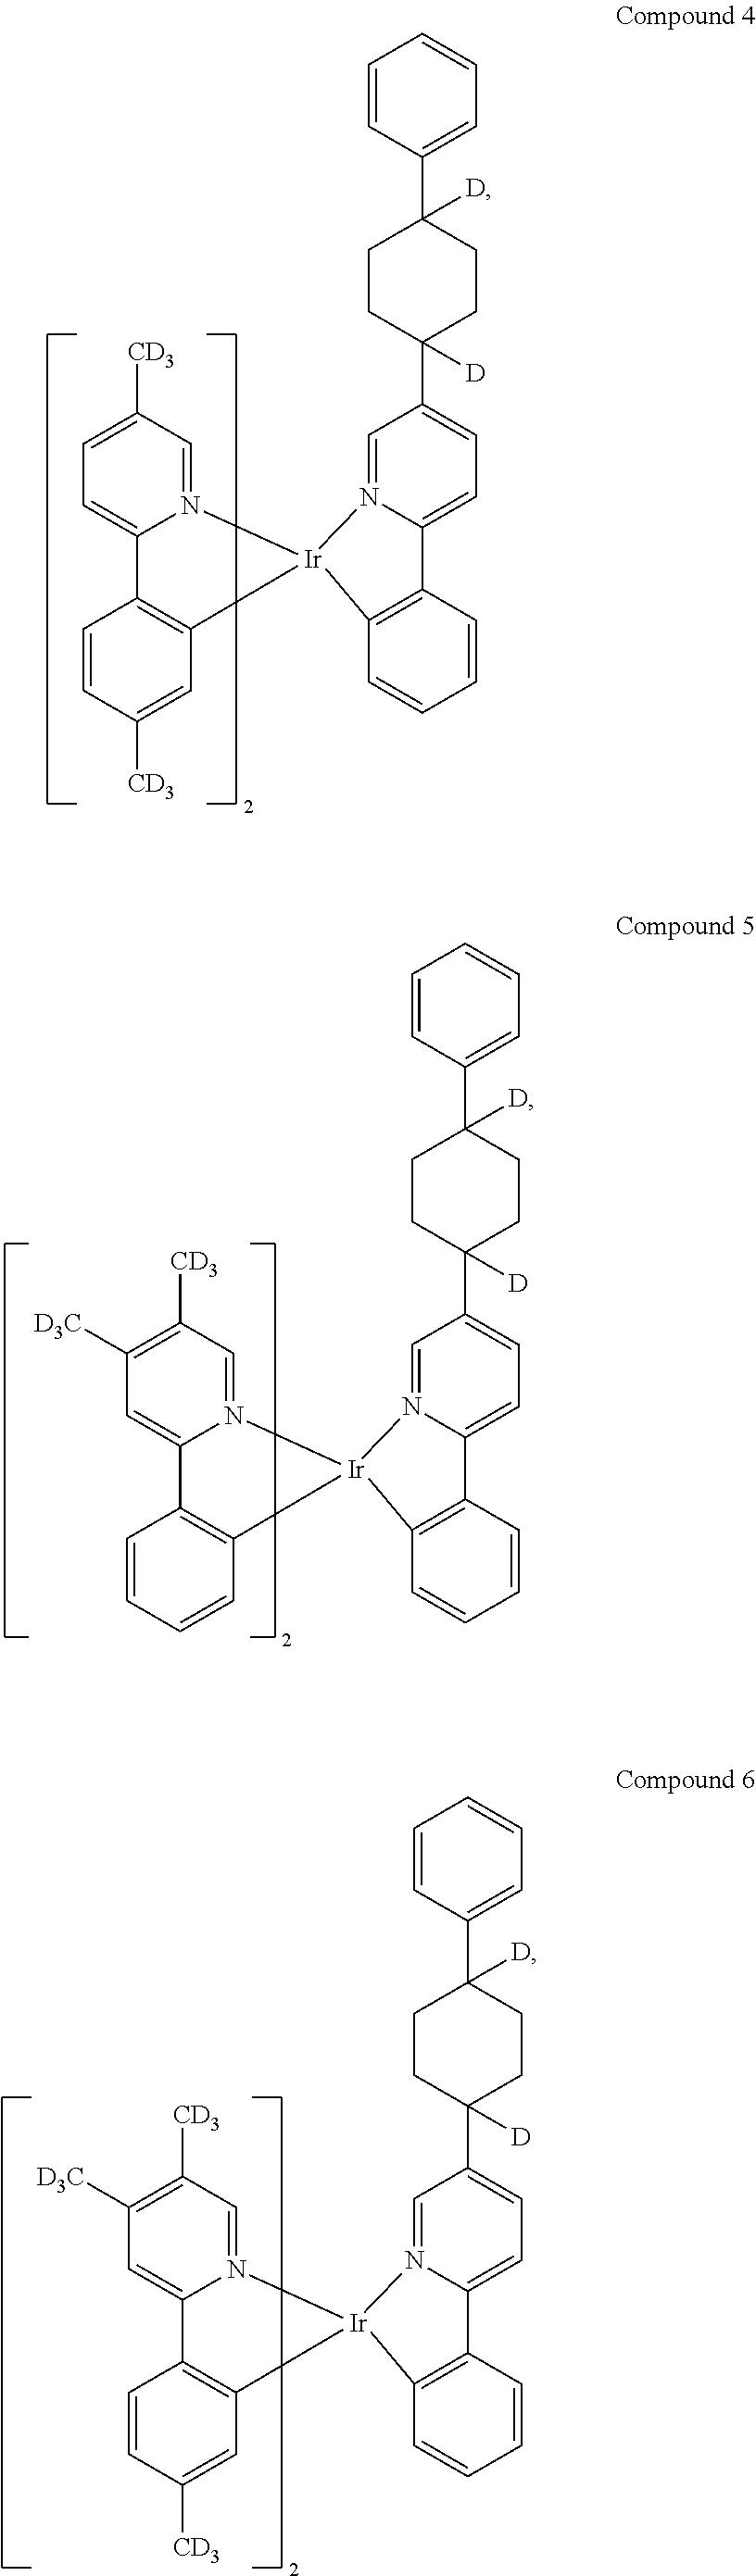 Figure US20180076393A1-20180315-C00155